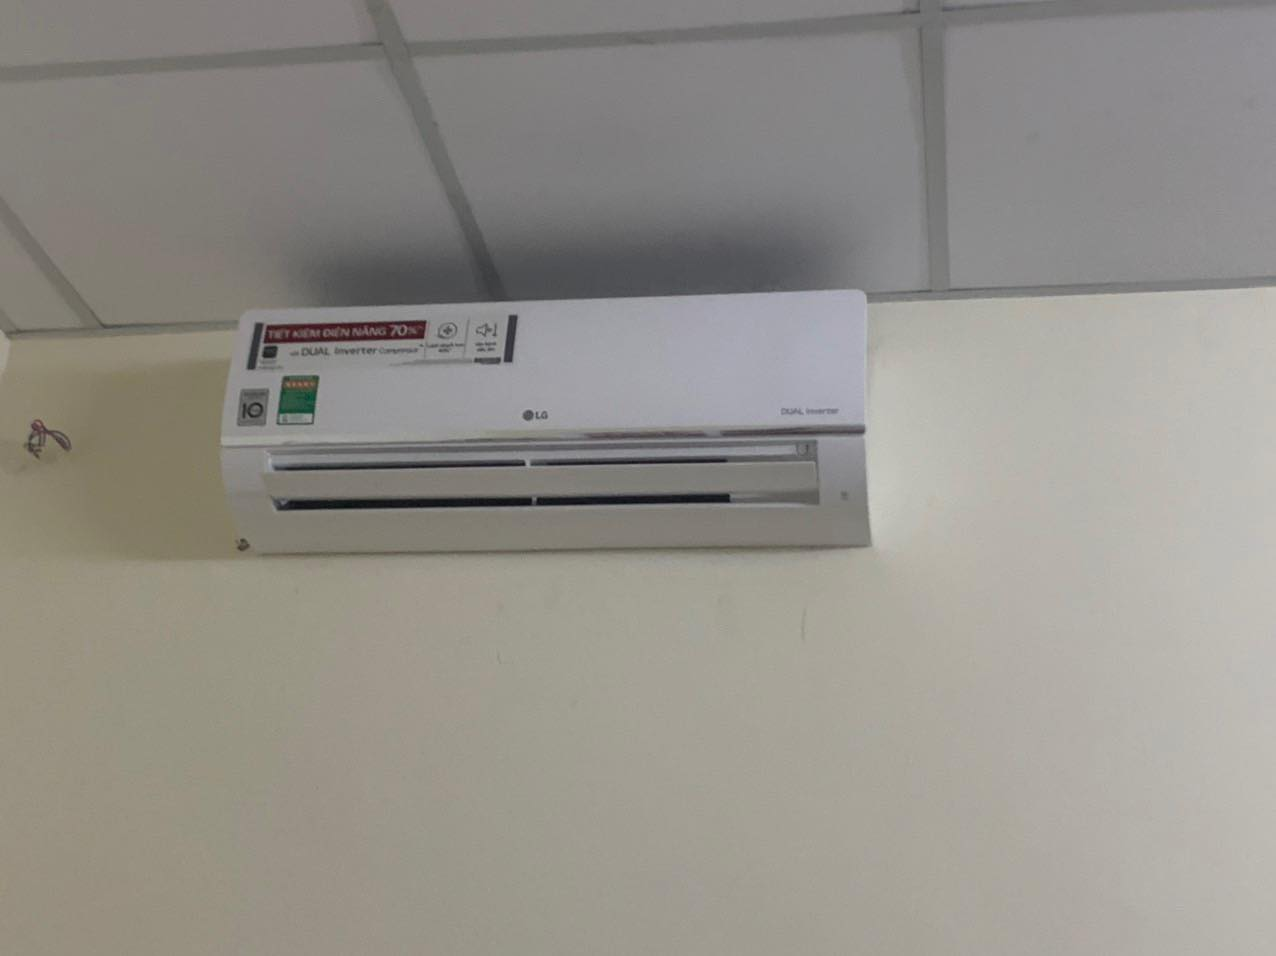 Lắp đặt máy lạnh LG chính hãng giá rẻ tại TP.HCM